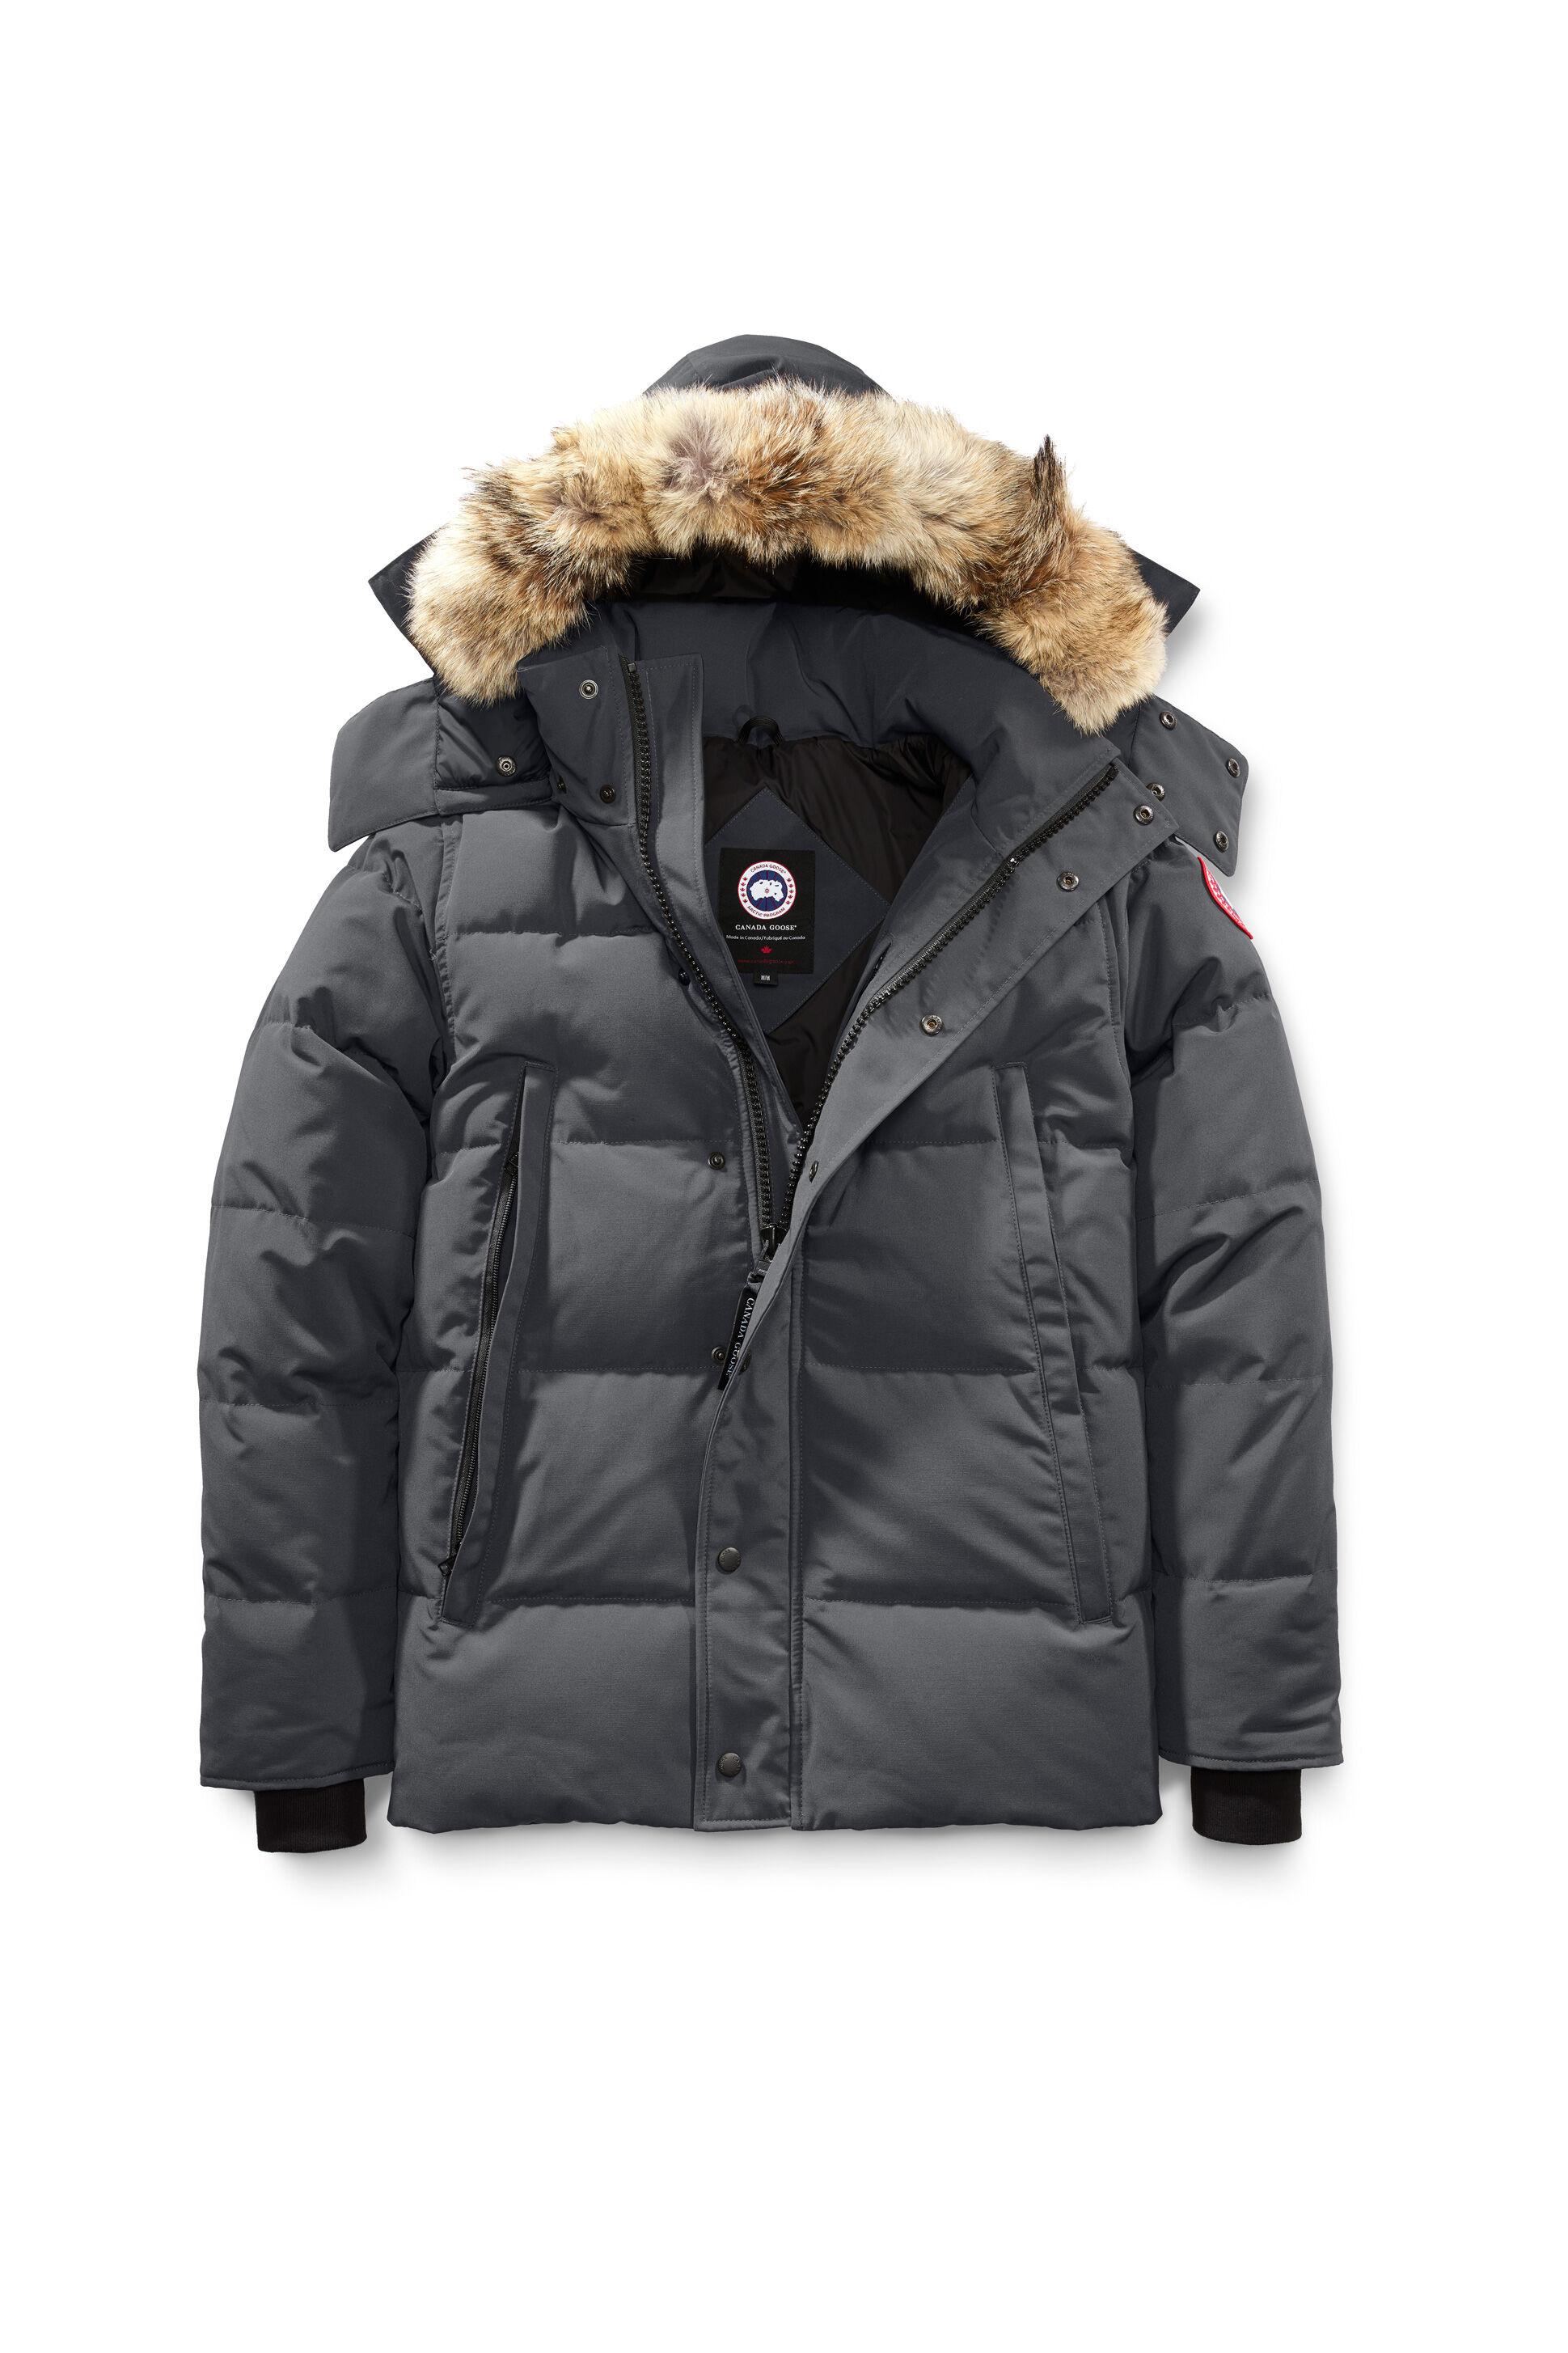 canada goose jacket mens active